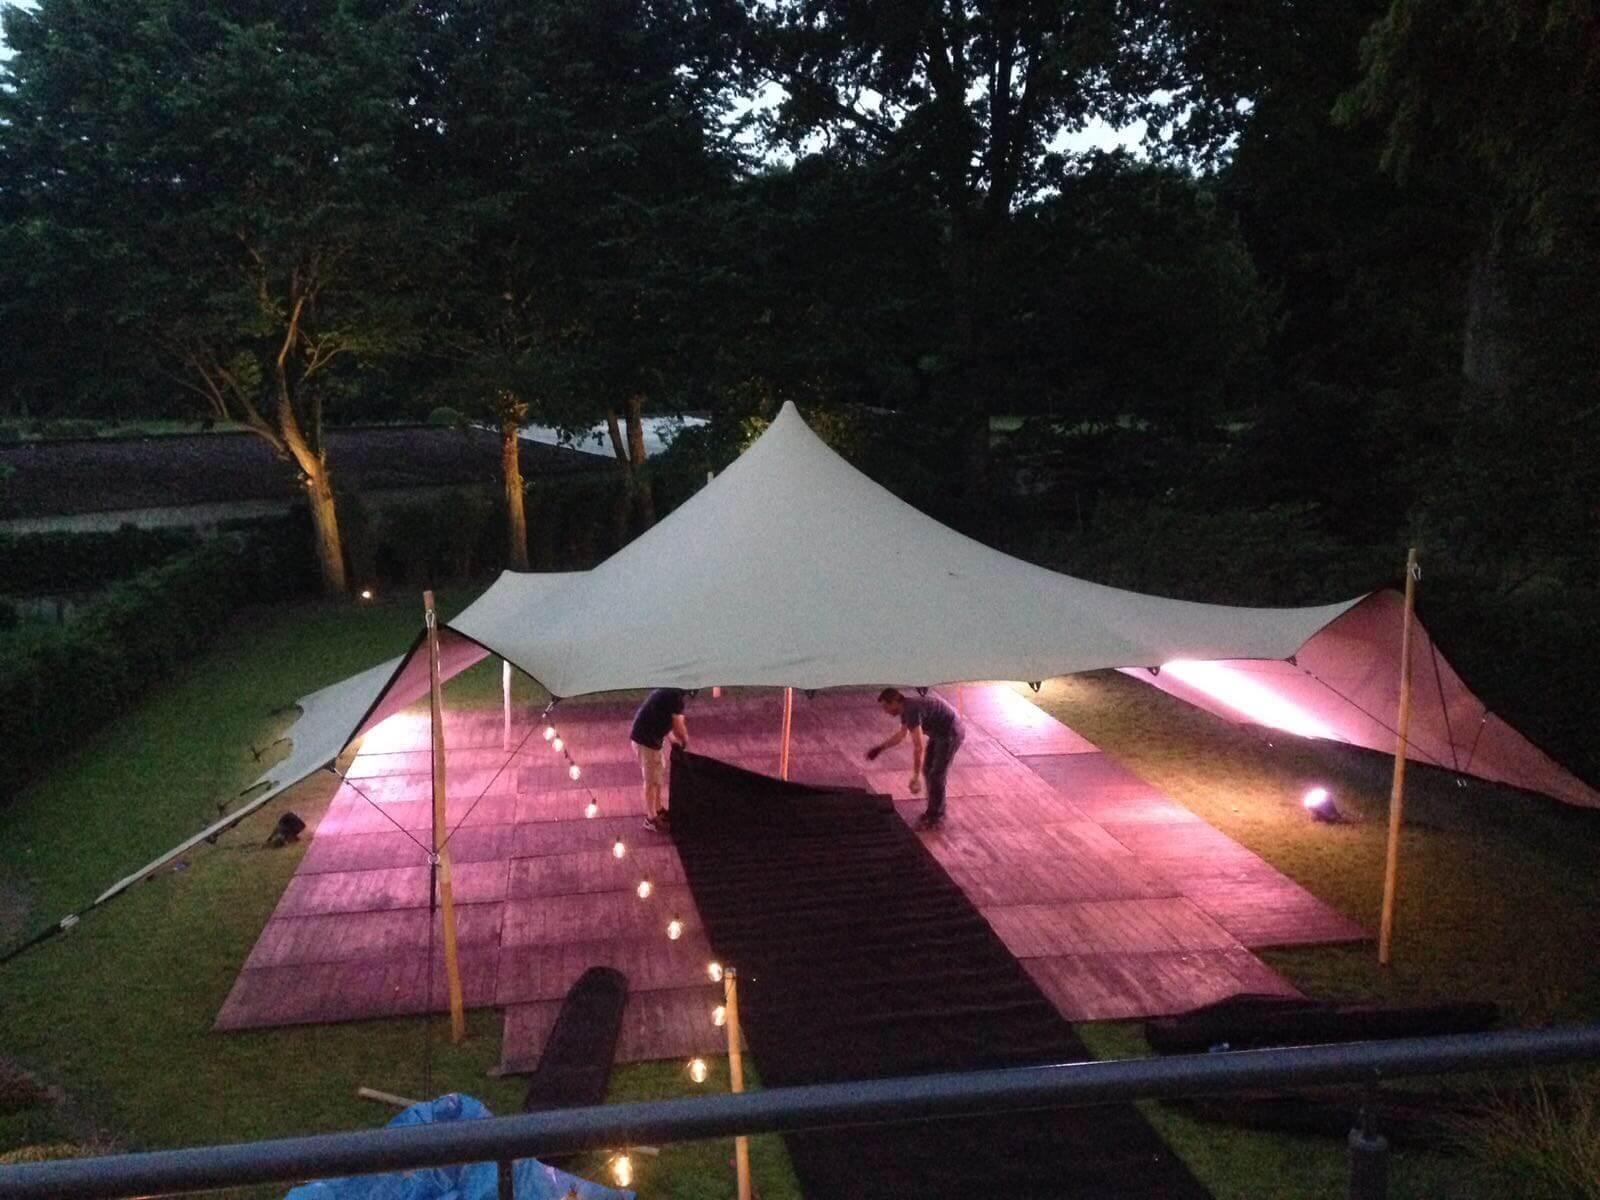 Louez une tente étoilée avec des lumières de fête